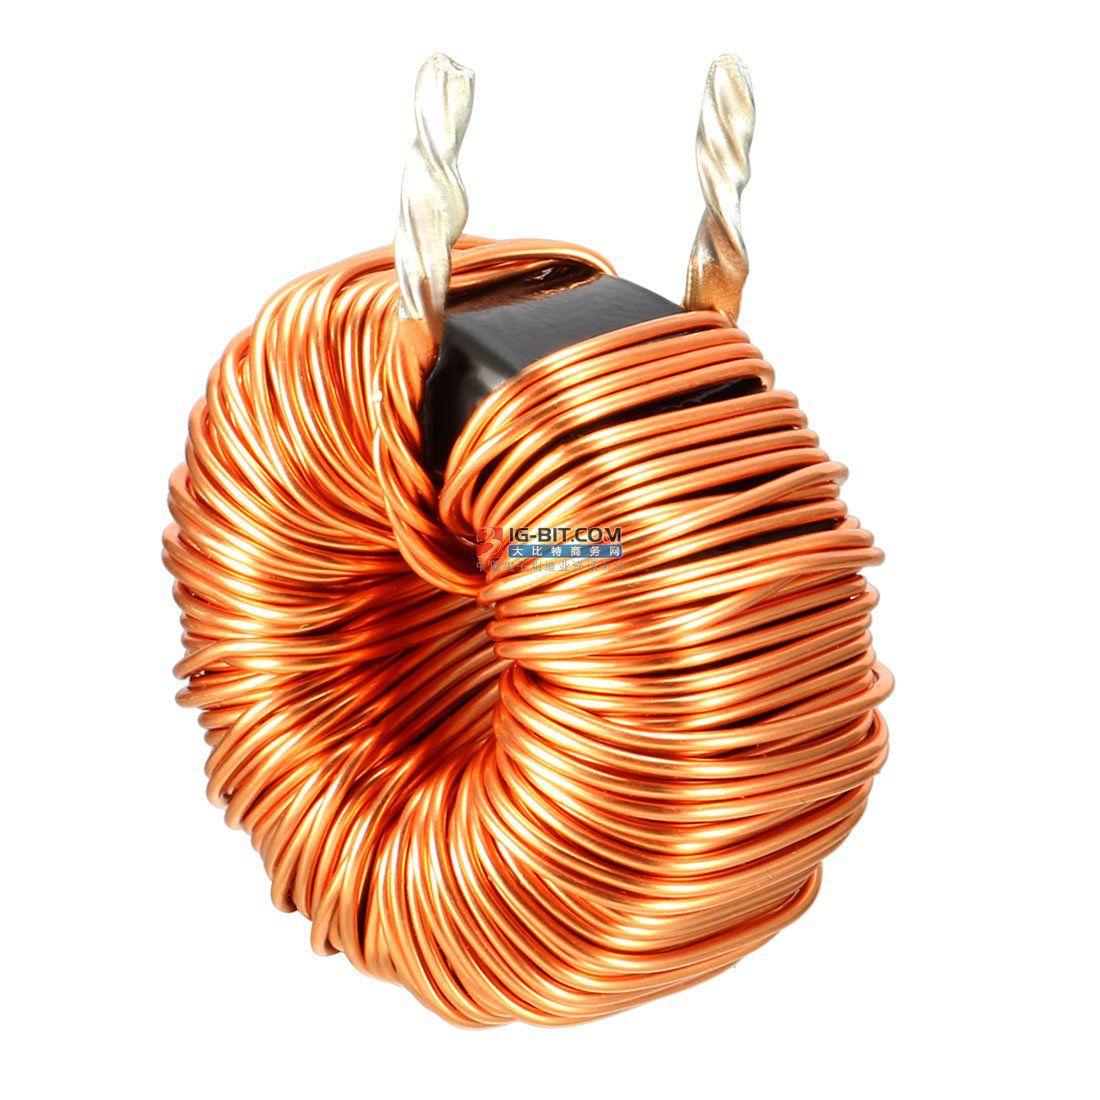 简单易懂的电感线圈知识 一起来了解了解吧